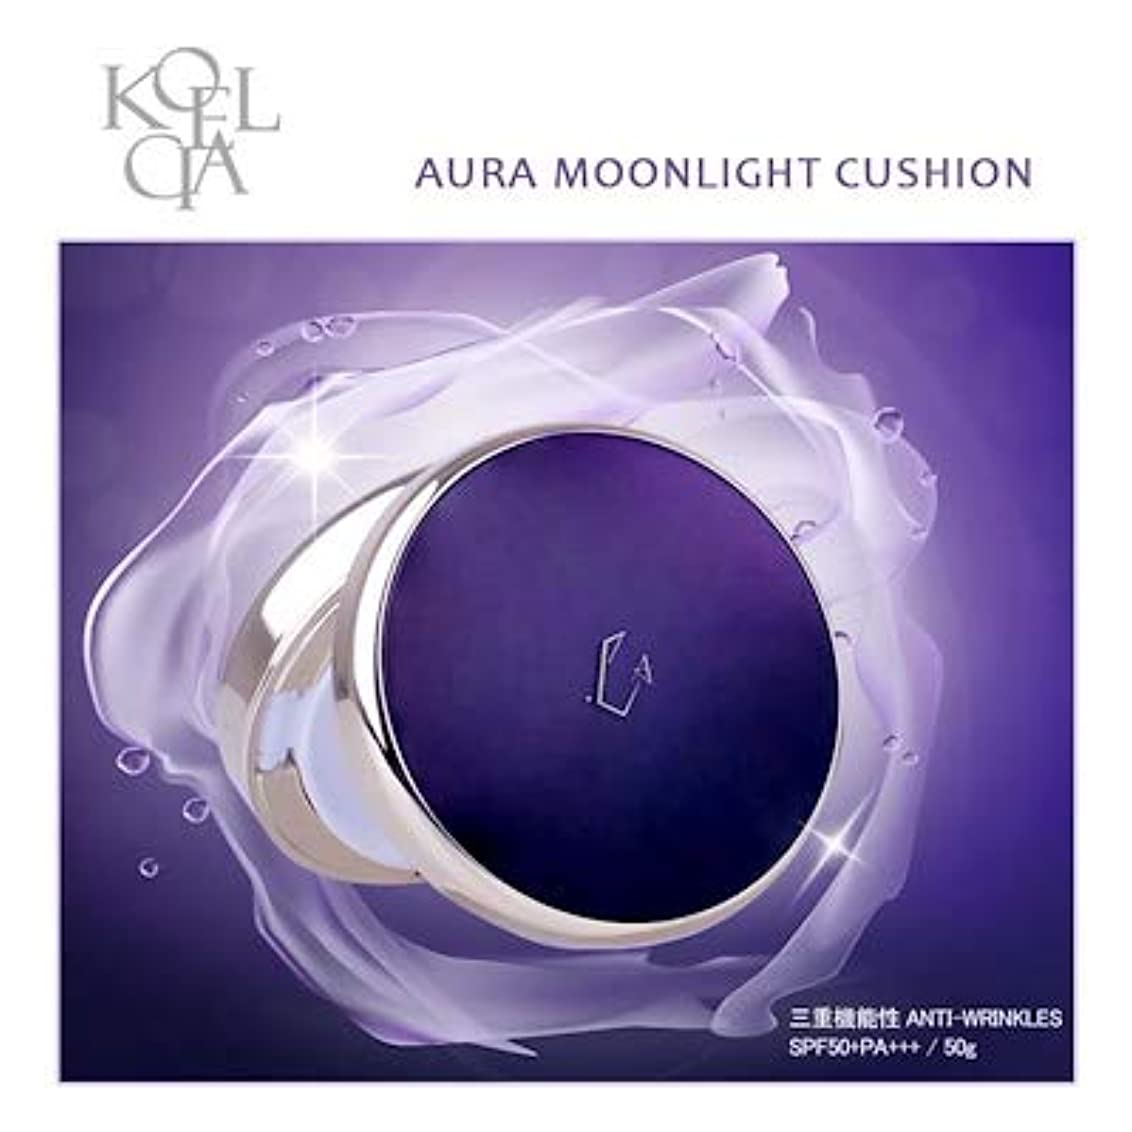 分岐するパラダイス配分KOELCIA Aura Moonlight Cushion 14g No.21(Light Beige) クッション 三重機能性Anti-Wrinkles(SPF50+PA+++ / 14g)完全新商品!!/Korea...